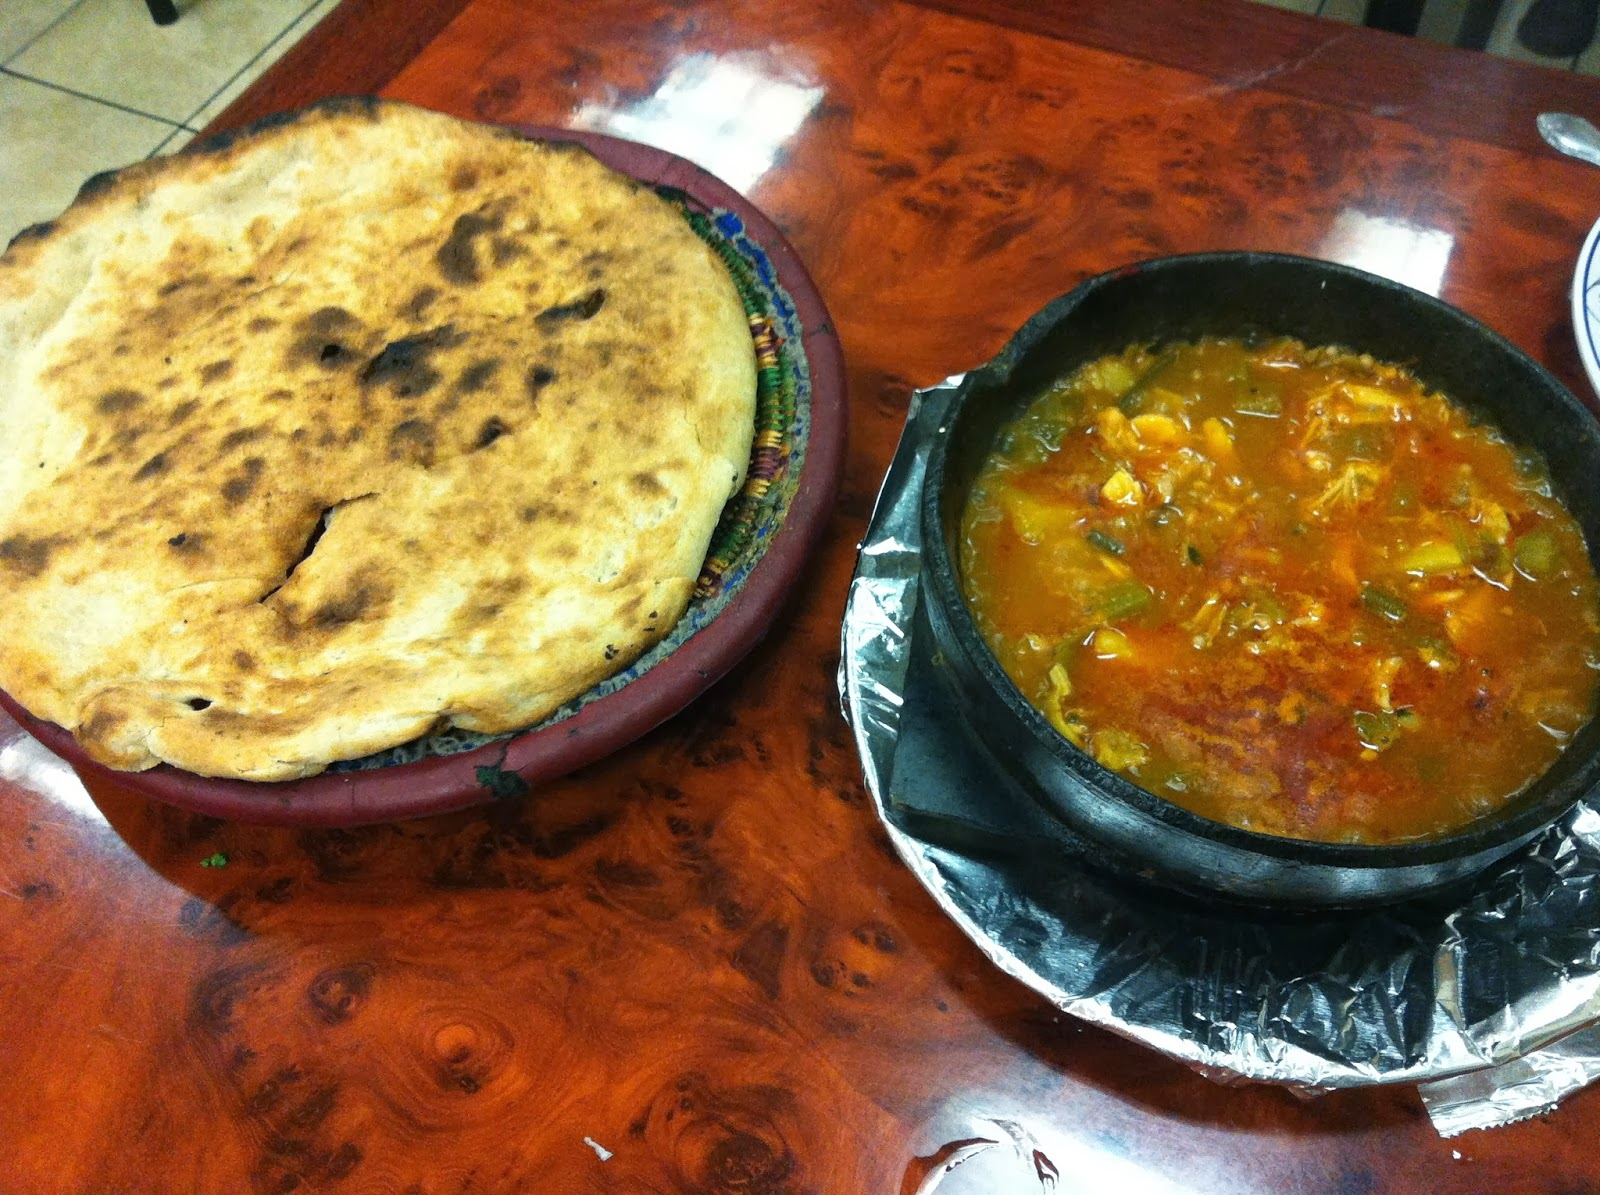 Yemeni Food Globally October 2013